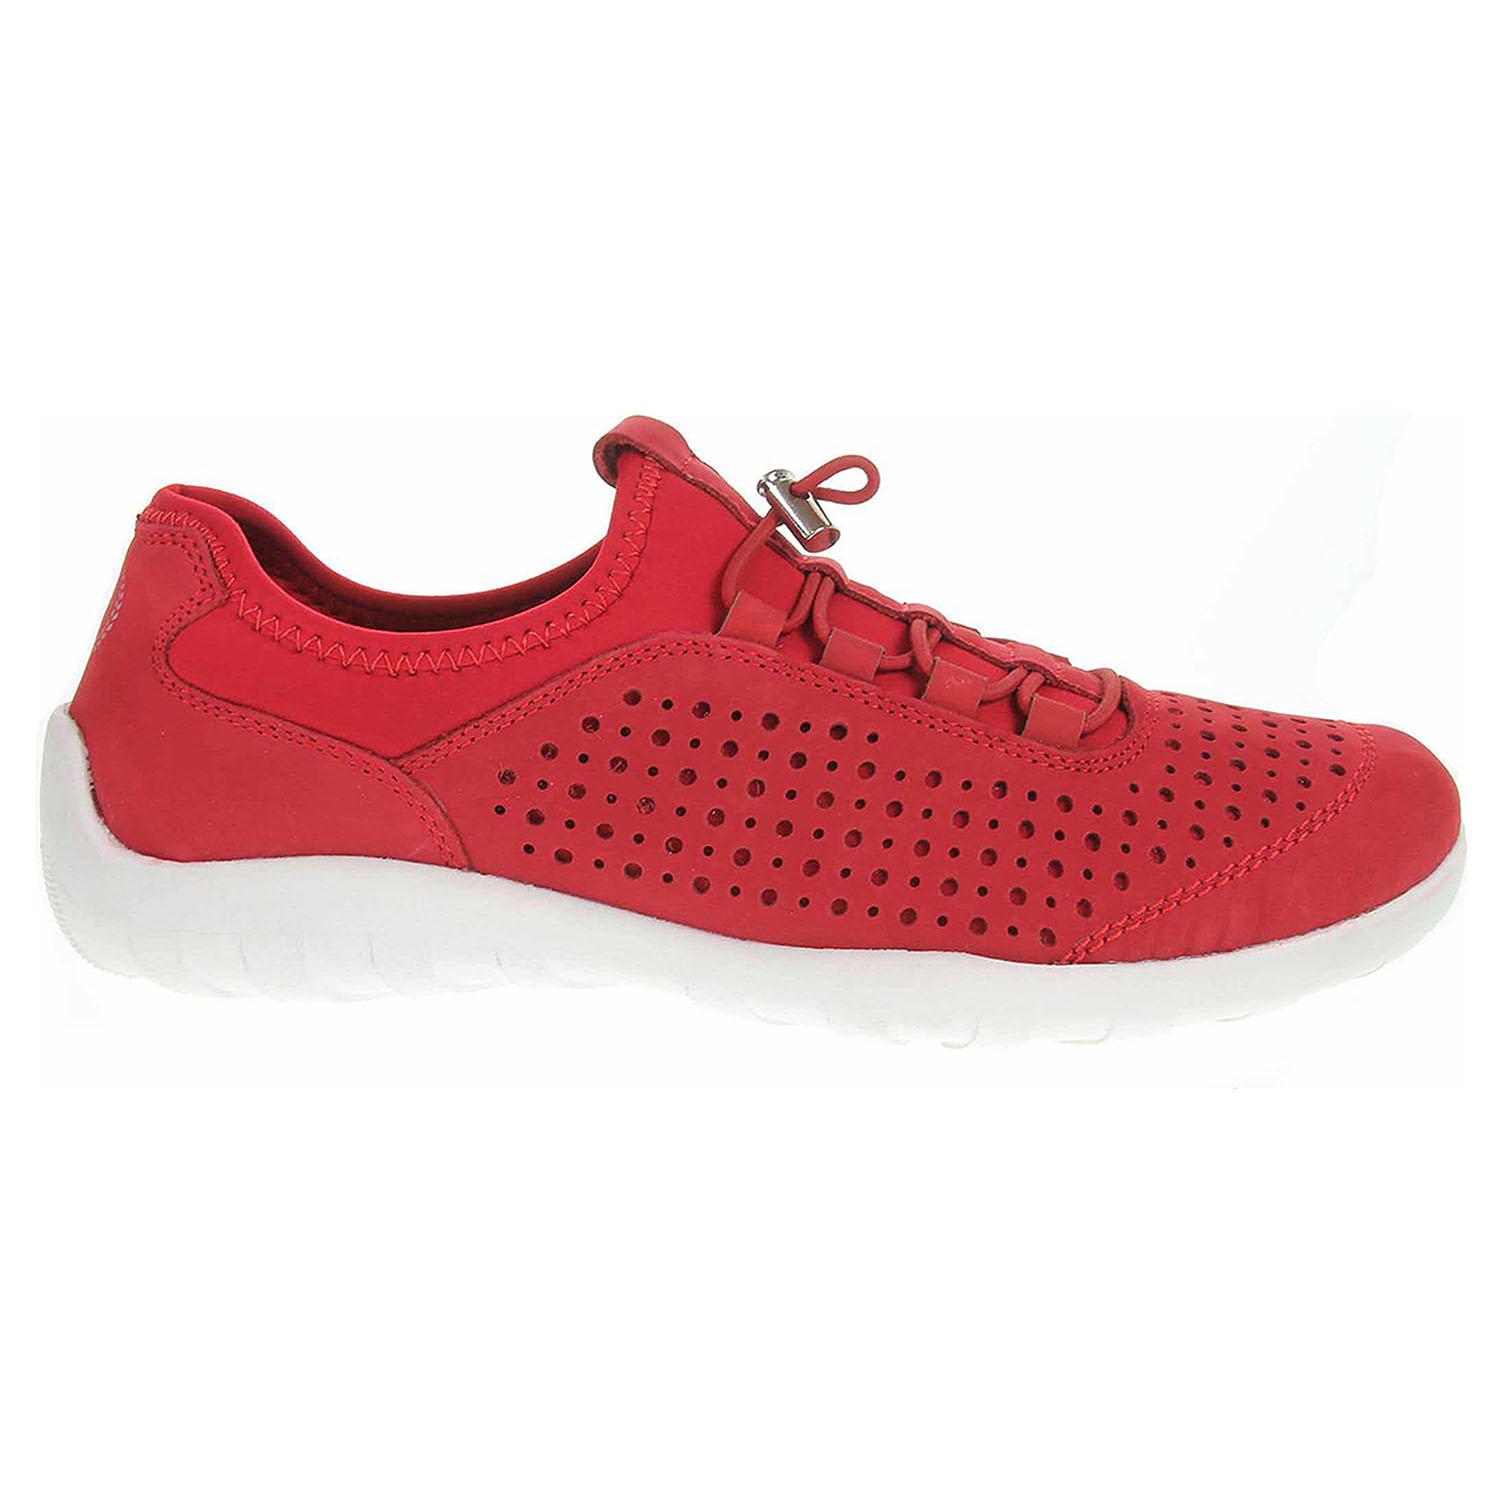 9da84bd8dd3 Ecco Remonte dámská obuv R3500-33 rot 23200828